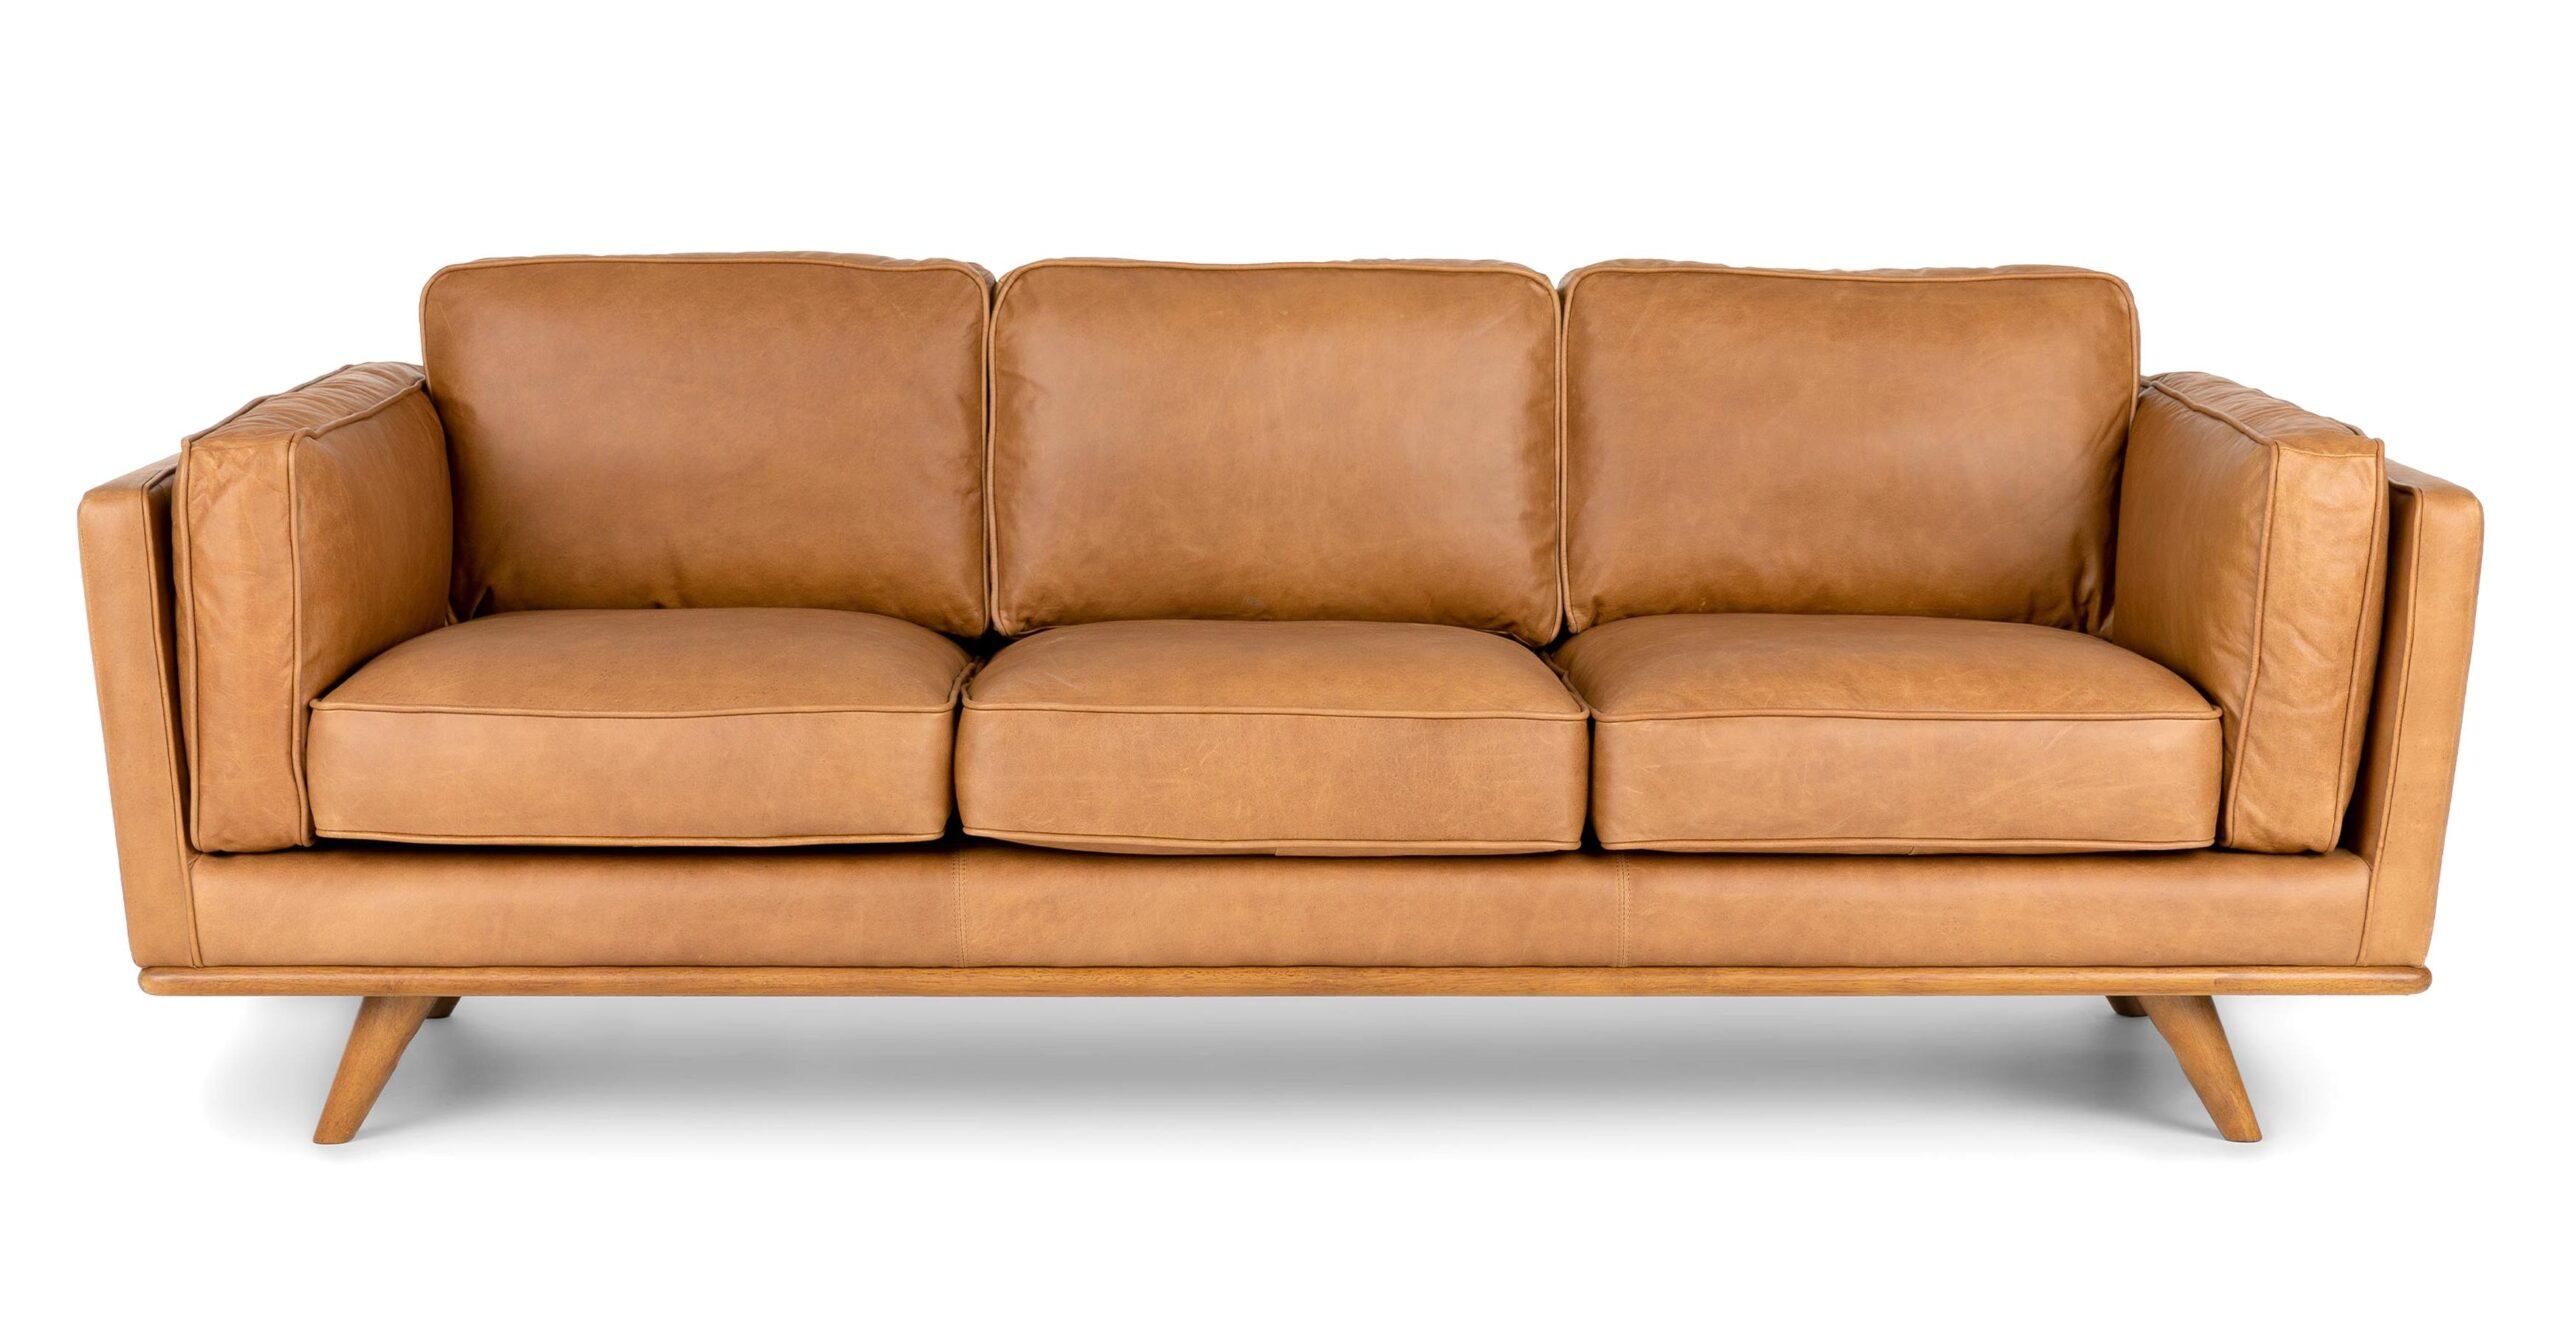 Full Size of Chesterfield Sofa Gebraucht Kaufen Zuhause Gebrauchte Fenster Spannbezug L Mit Schlaffunktion Tom Tailor Bettfunktion Schlafsofa Liegefläche 160x200 Federkern Sofa Chesterfield Sofa Gebraucht